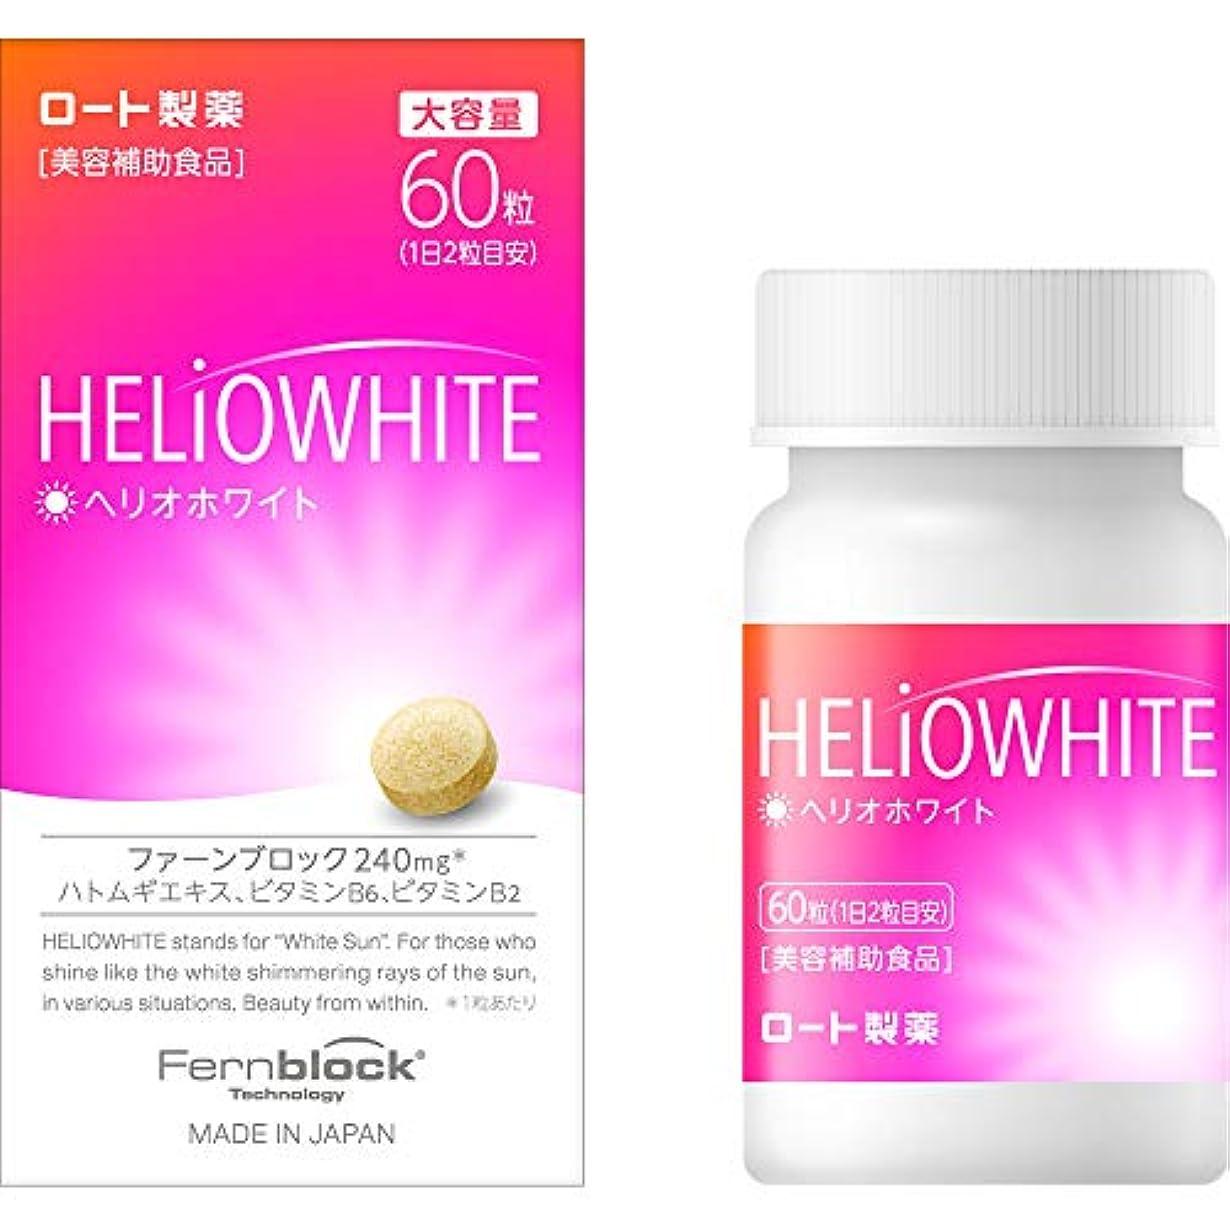 小学生対立違うロート製薬 ヘリオホワイト 60粒 シダ植物抽出成分 ファーンブロック Fernblock 240mg 配合 美容補助食品